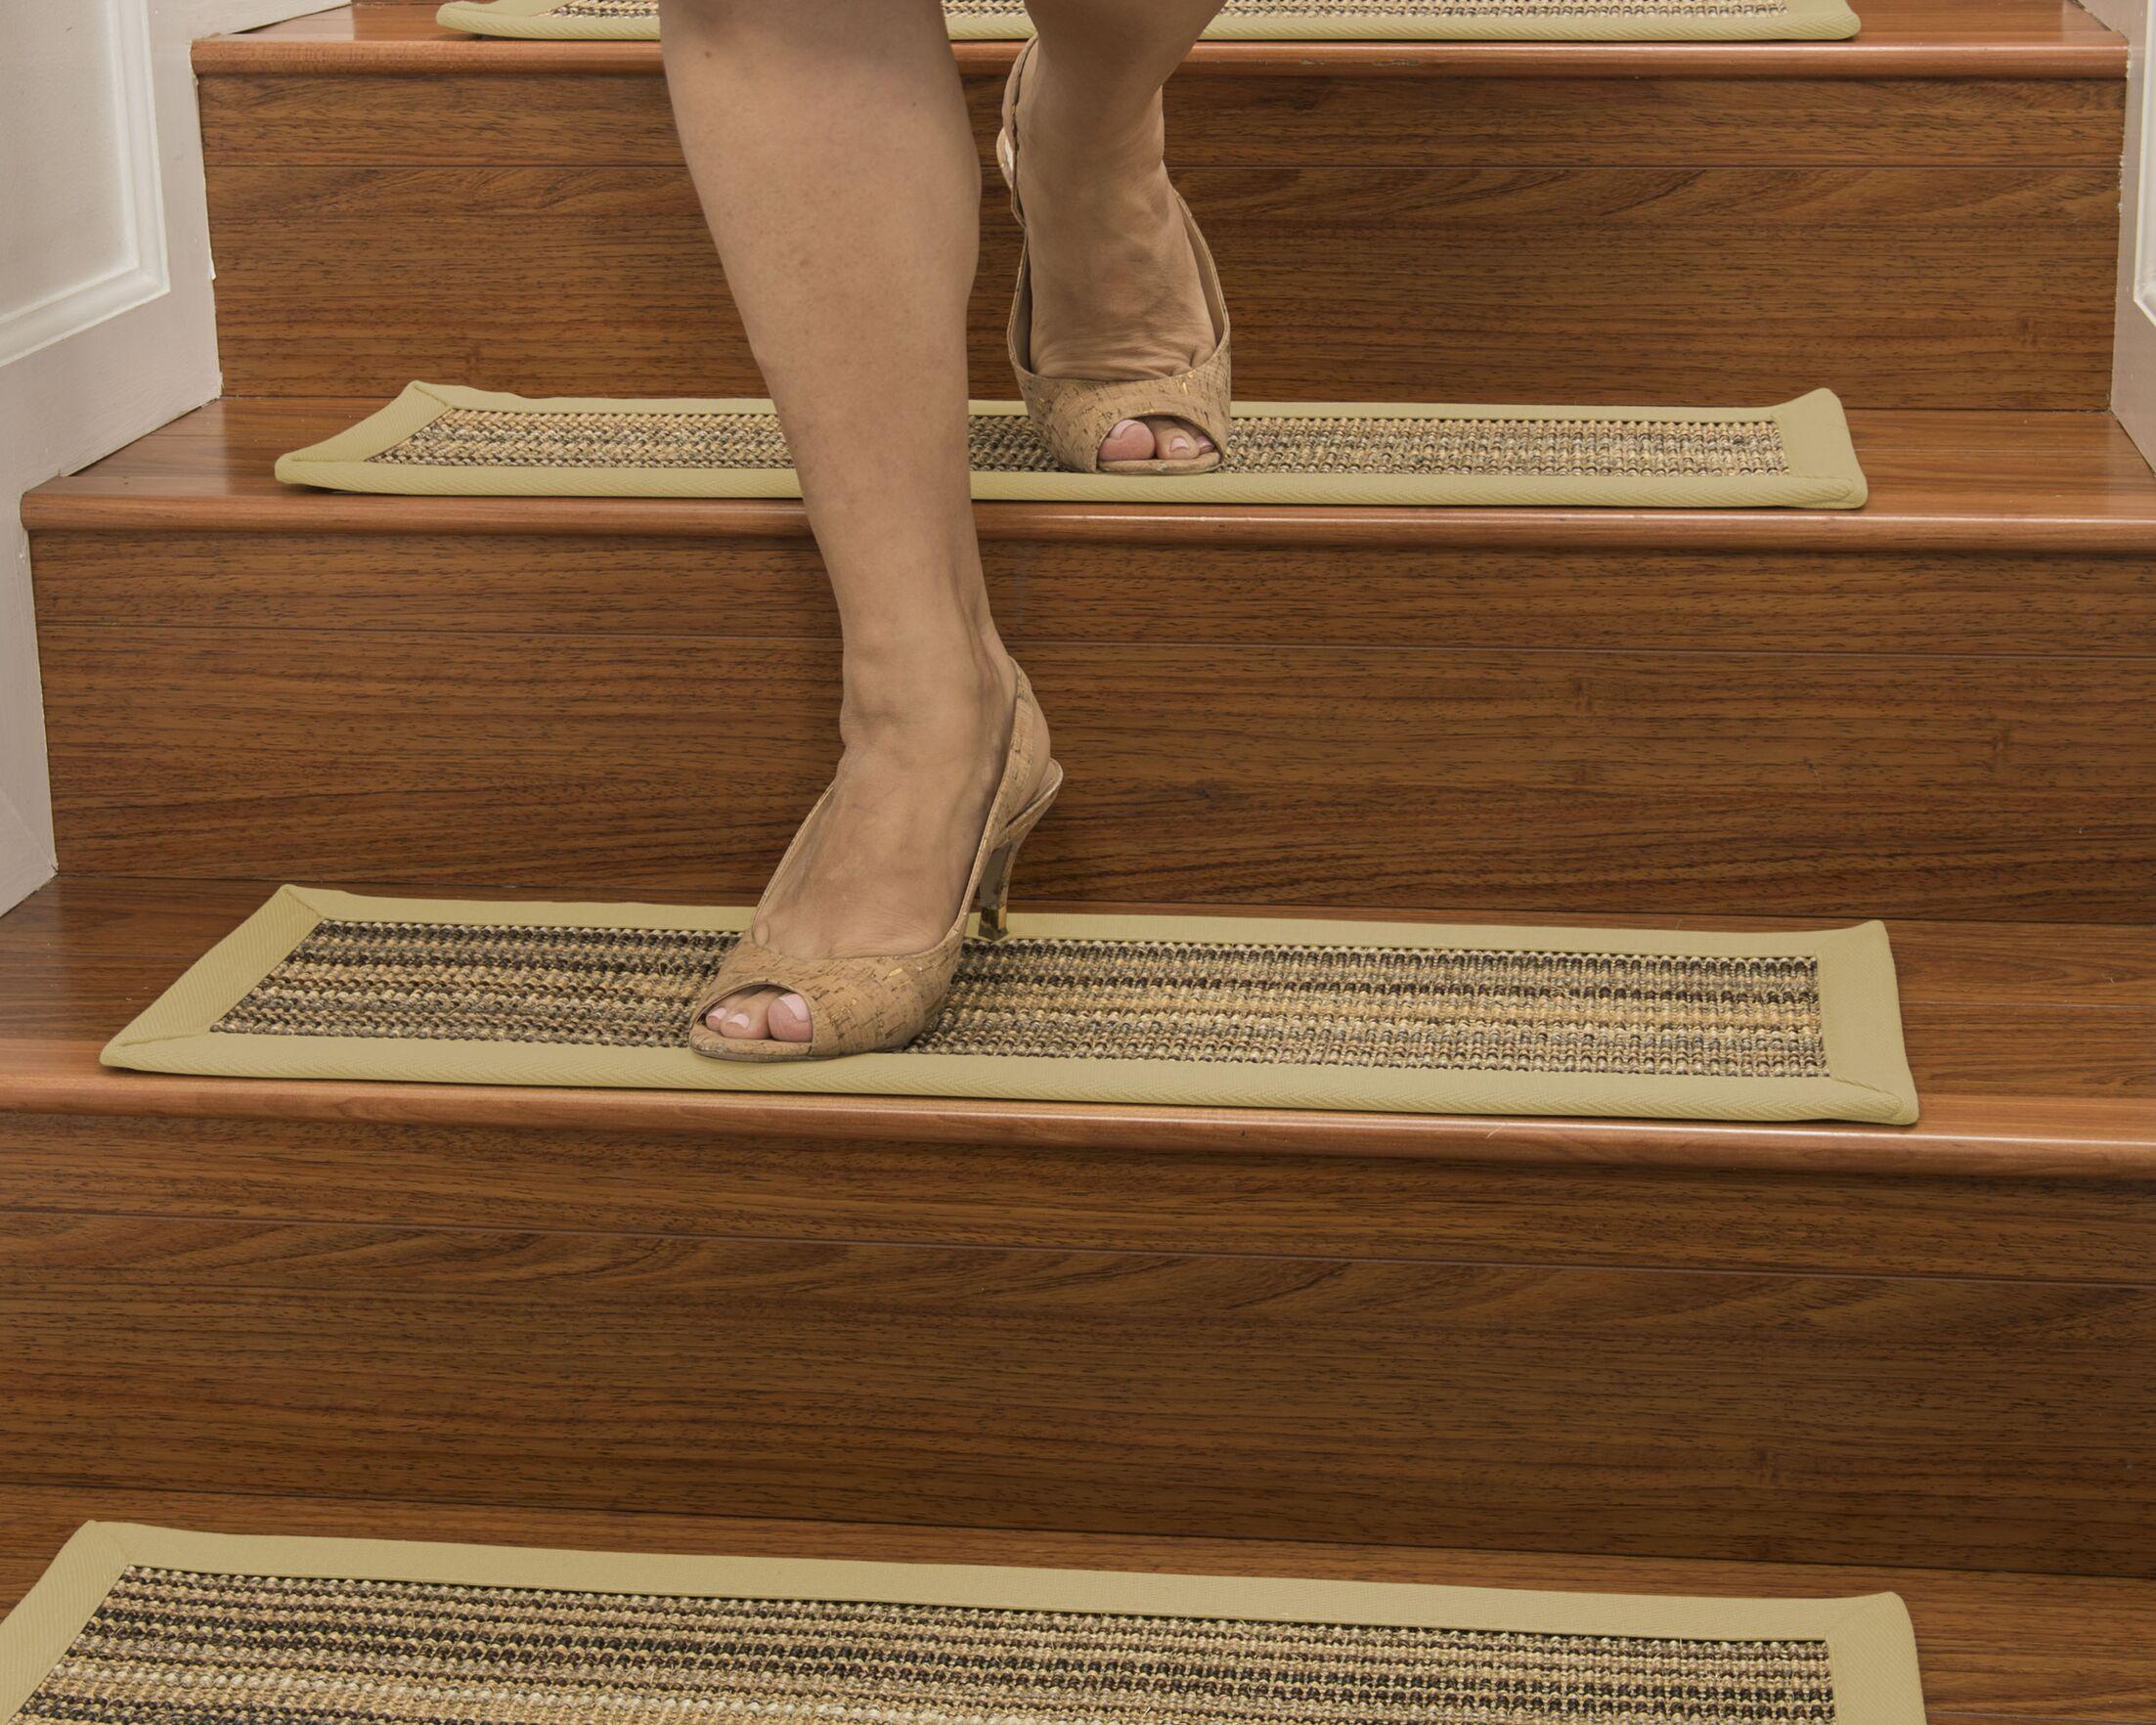 Dover Custom Sisal Stair Tread Color: Sand